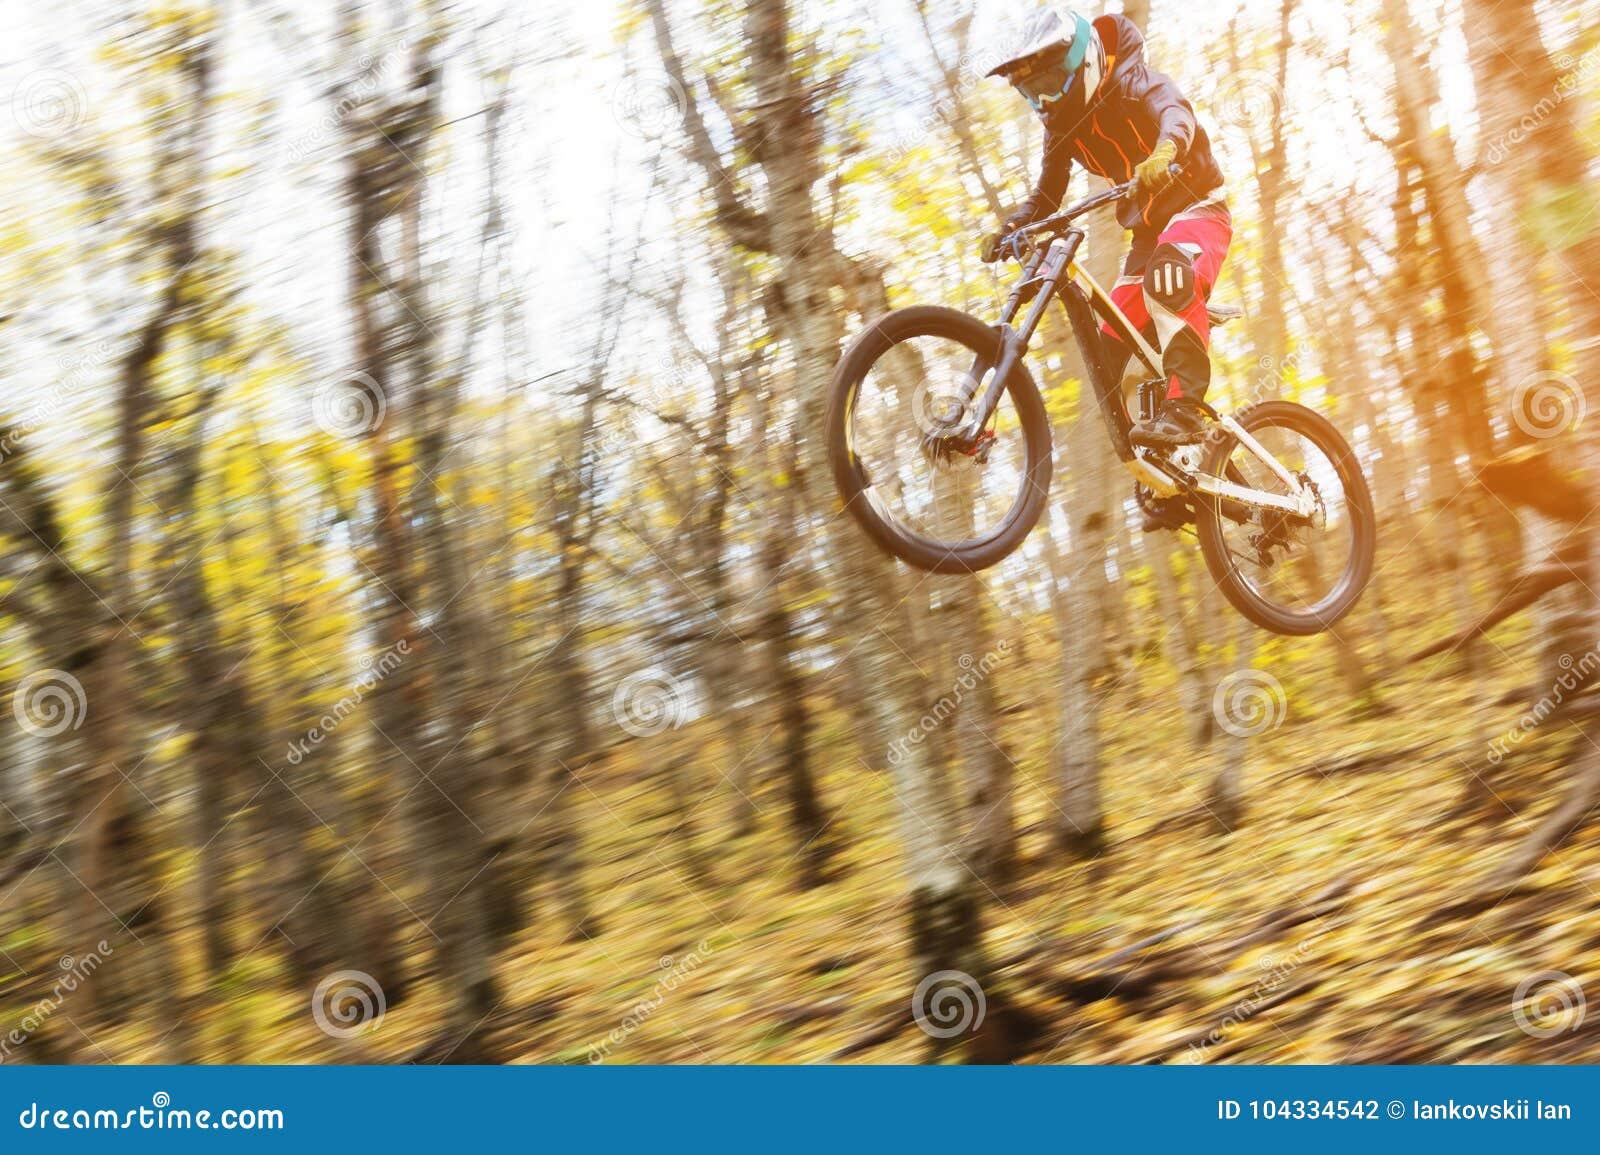 Um cavaleiro novo na roda de seu Mountain bike faz um truque no salto no trampolim da montanha em declive